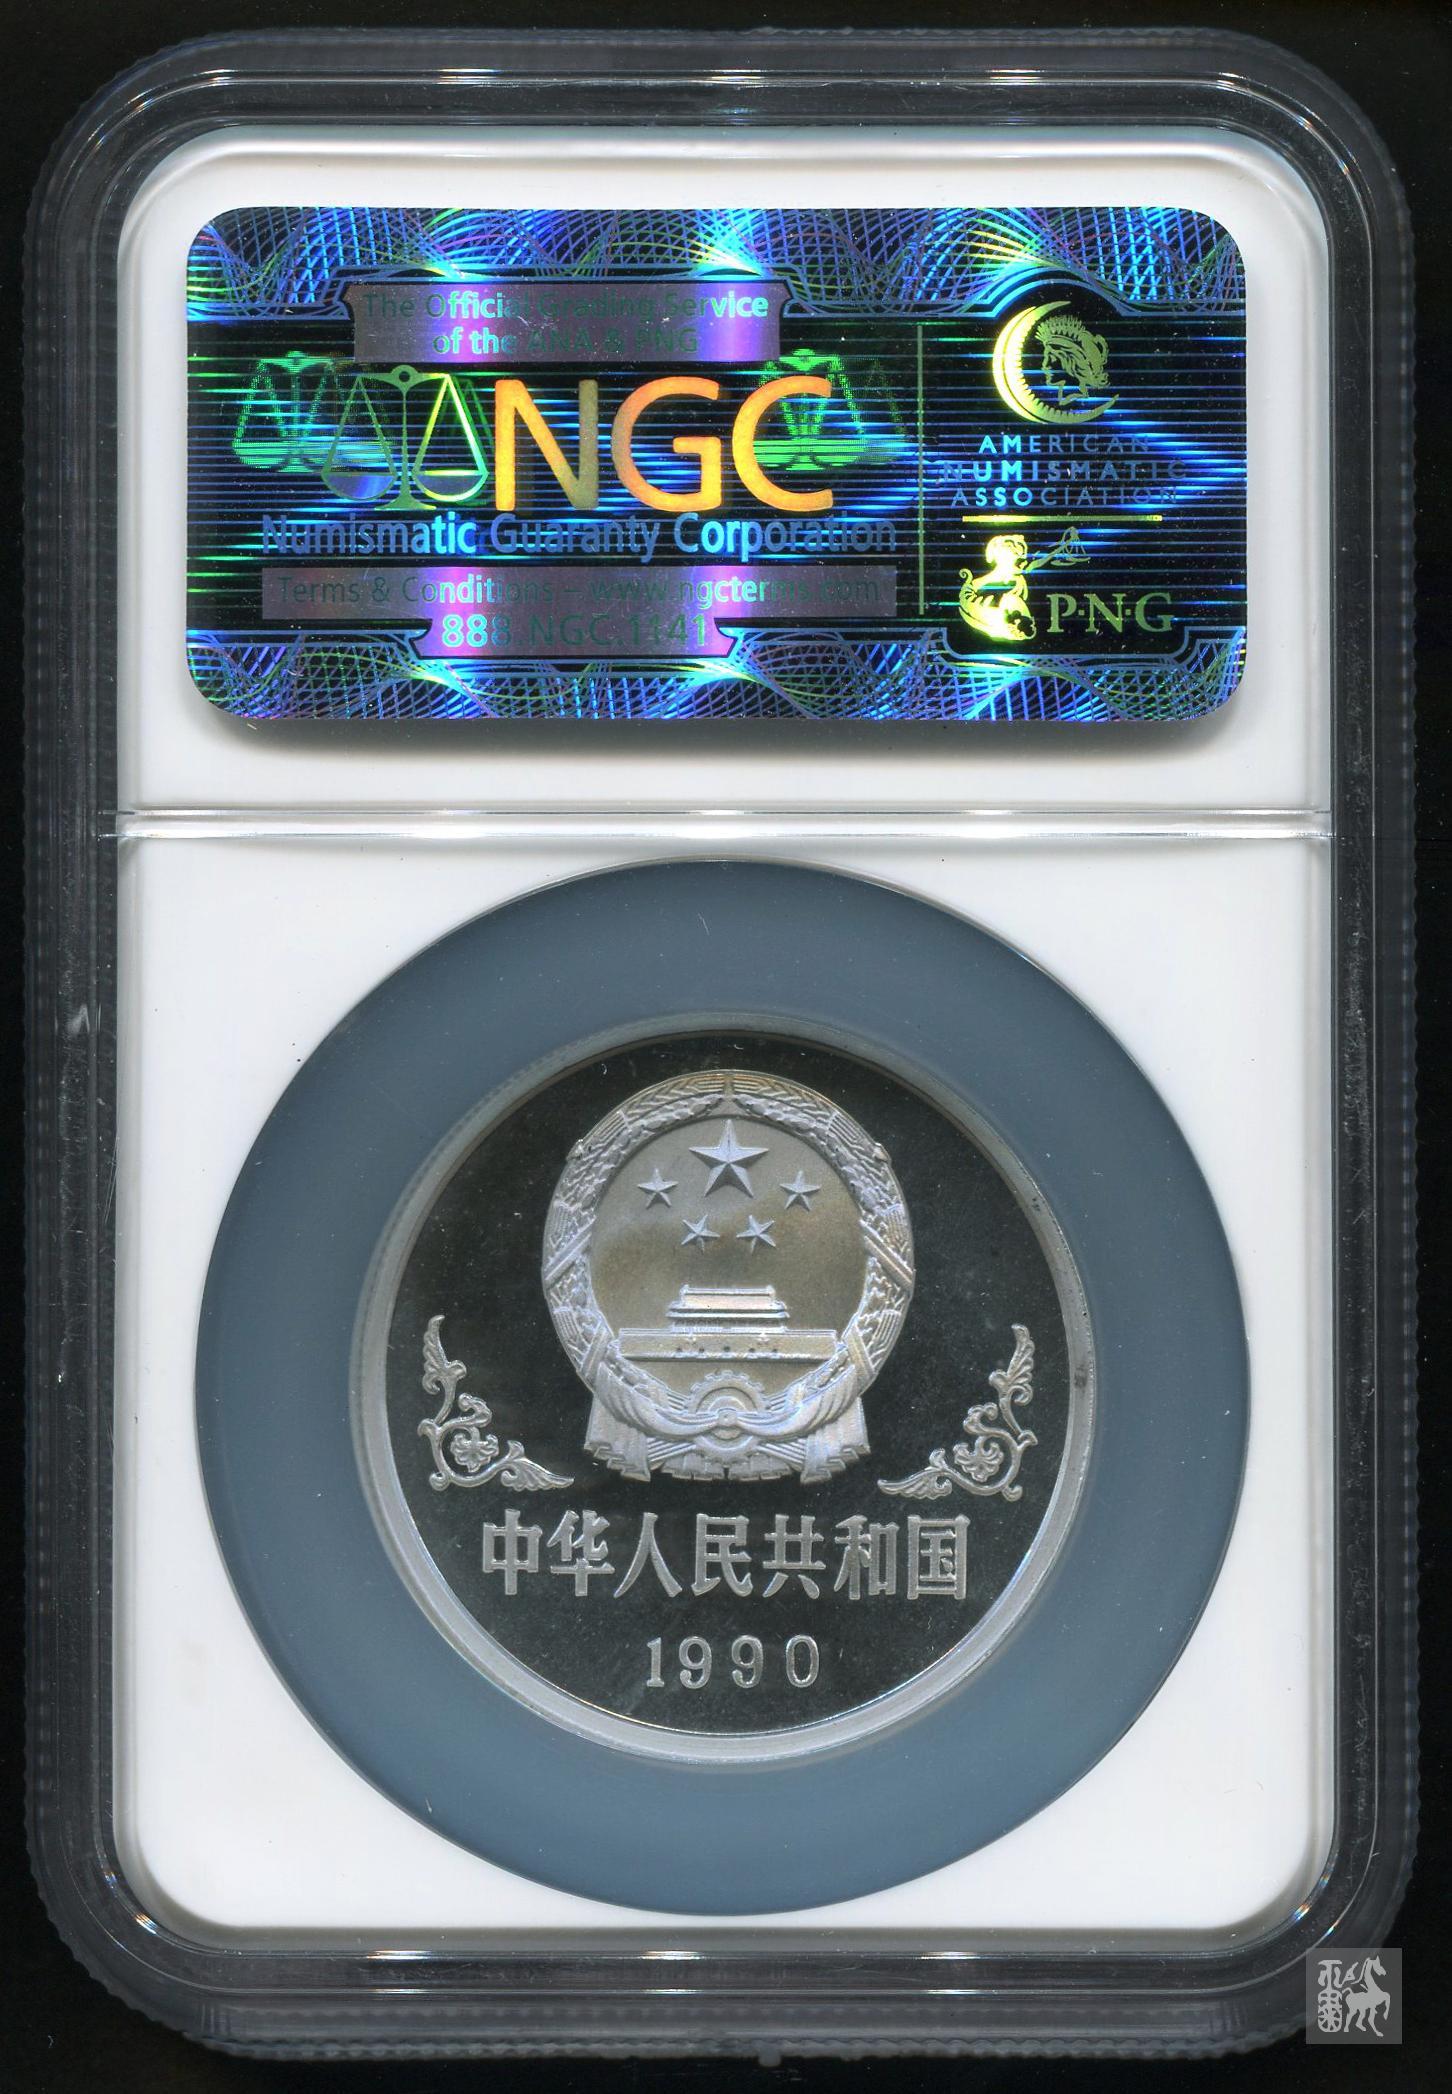 1990年庚午马年生肖1盎司精制银币一枚 PF66 3357514 020